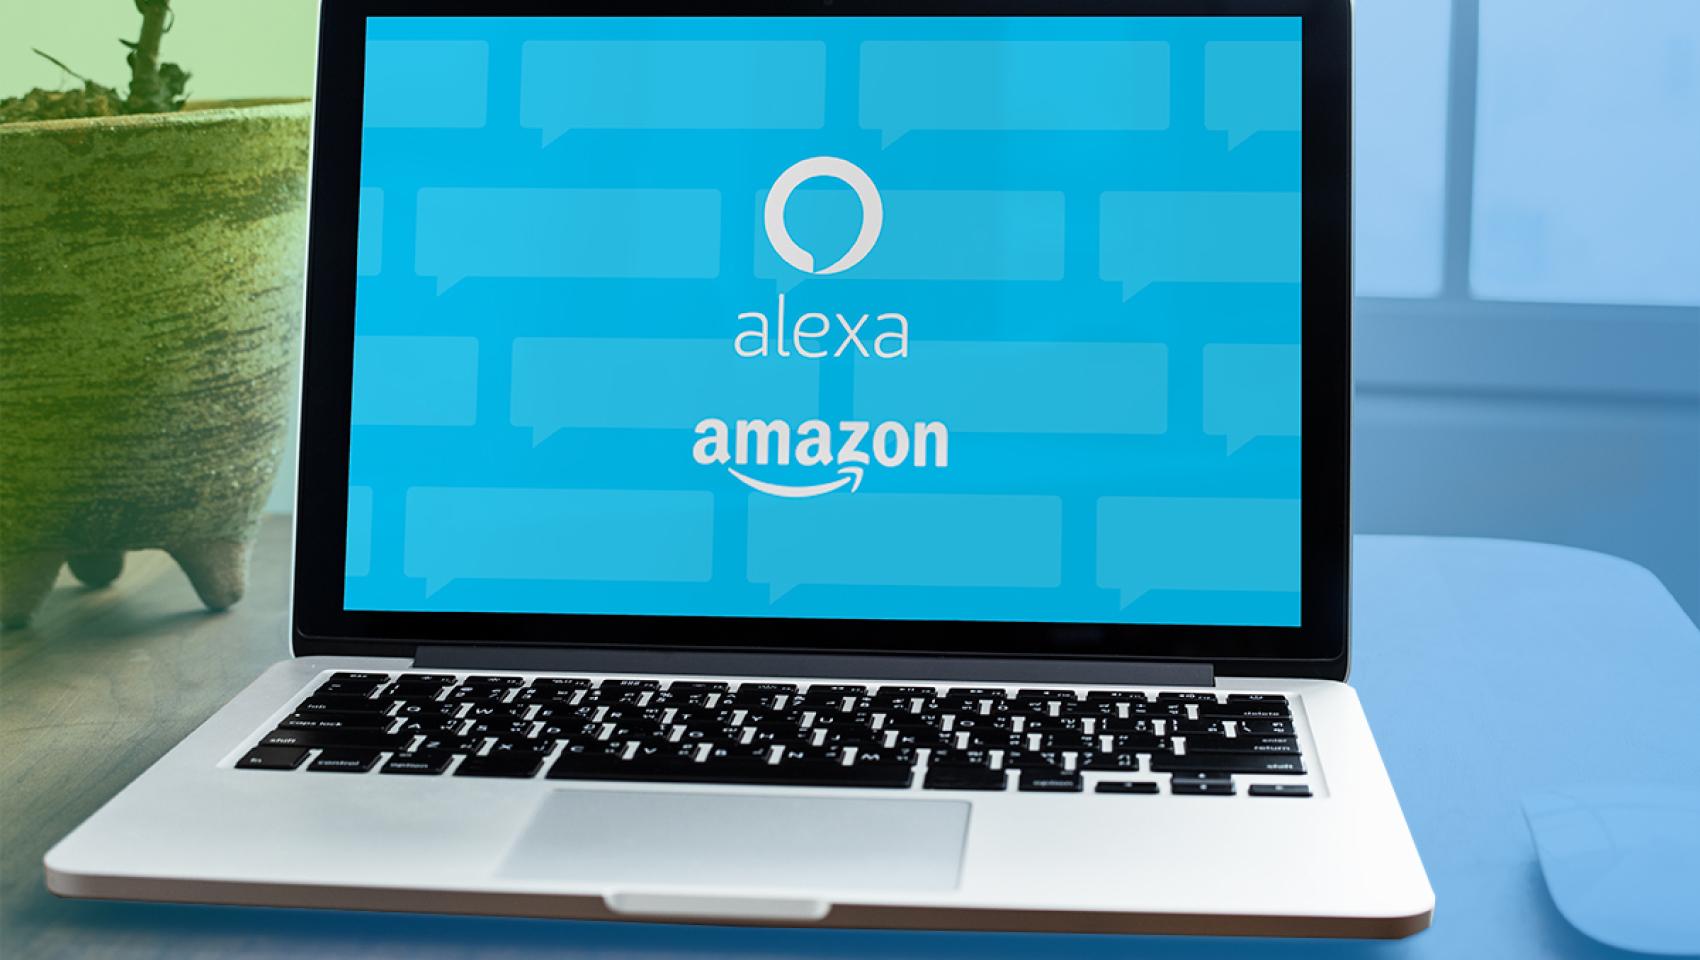 Мастер-класс «Alexa — голосовой помощник от Amazon: как с помощью Node.js прокачать ее скилы» в Днепре